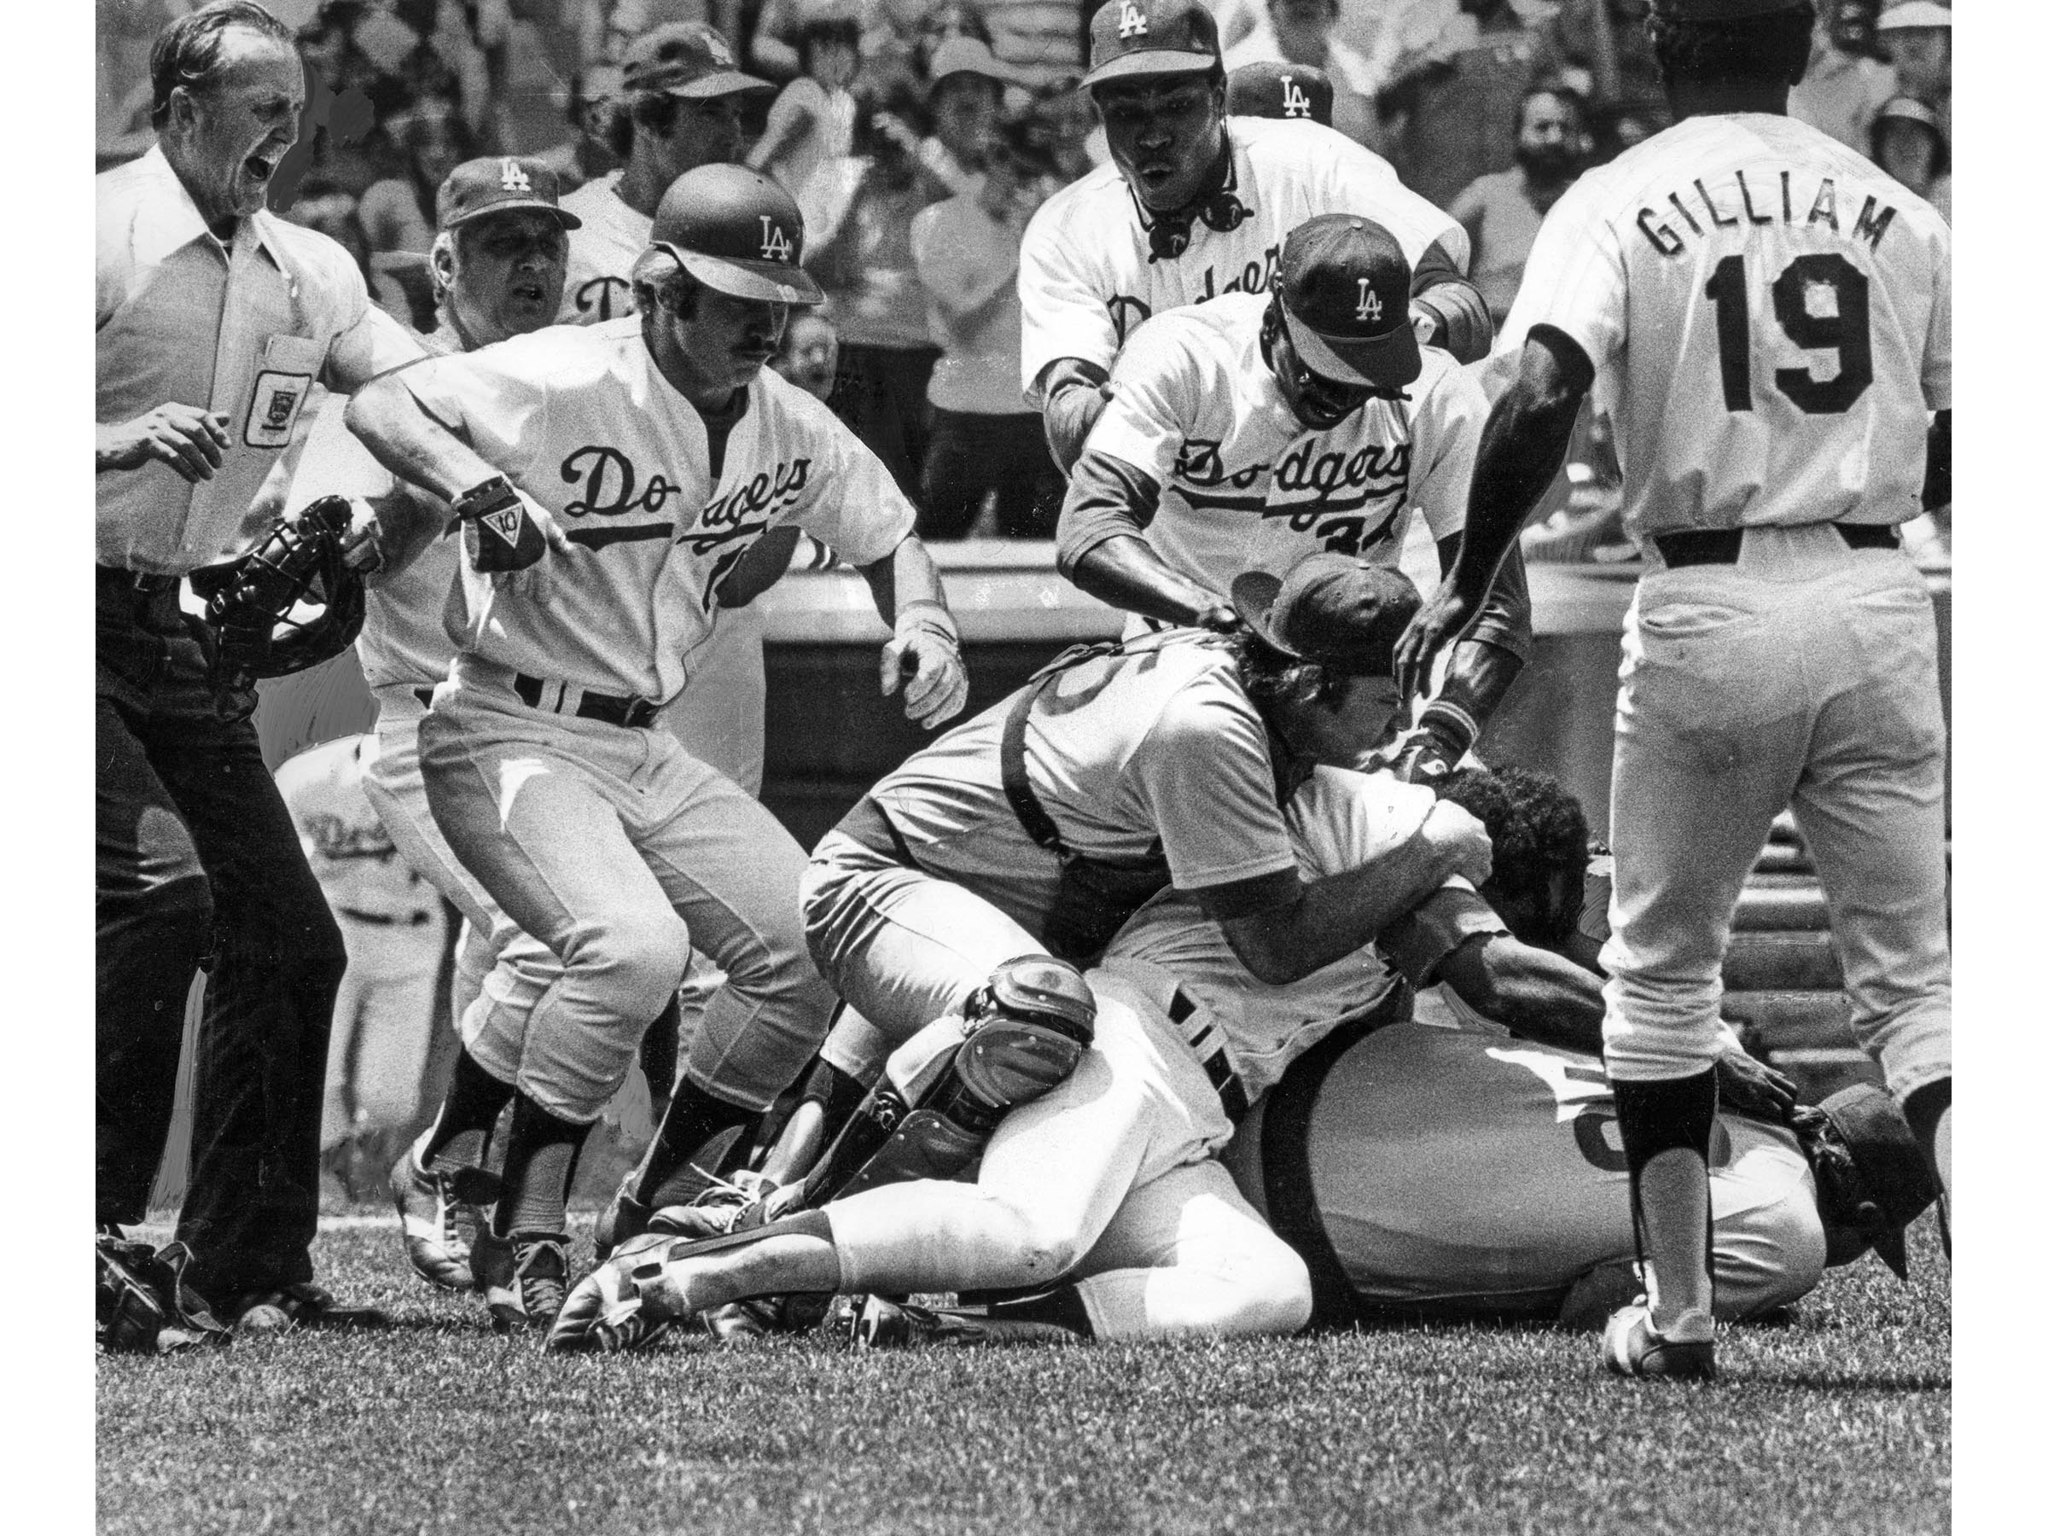 July 19, 1977: Chicago Cubs catcher George Mitterwald is on ground grabbing Dodgers' Reggie Smith